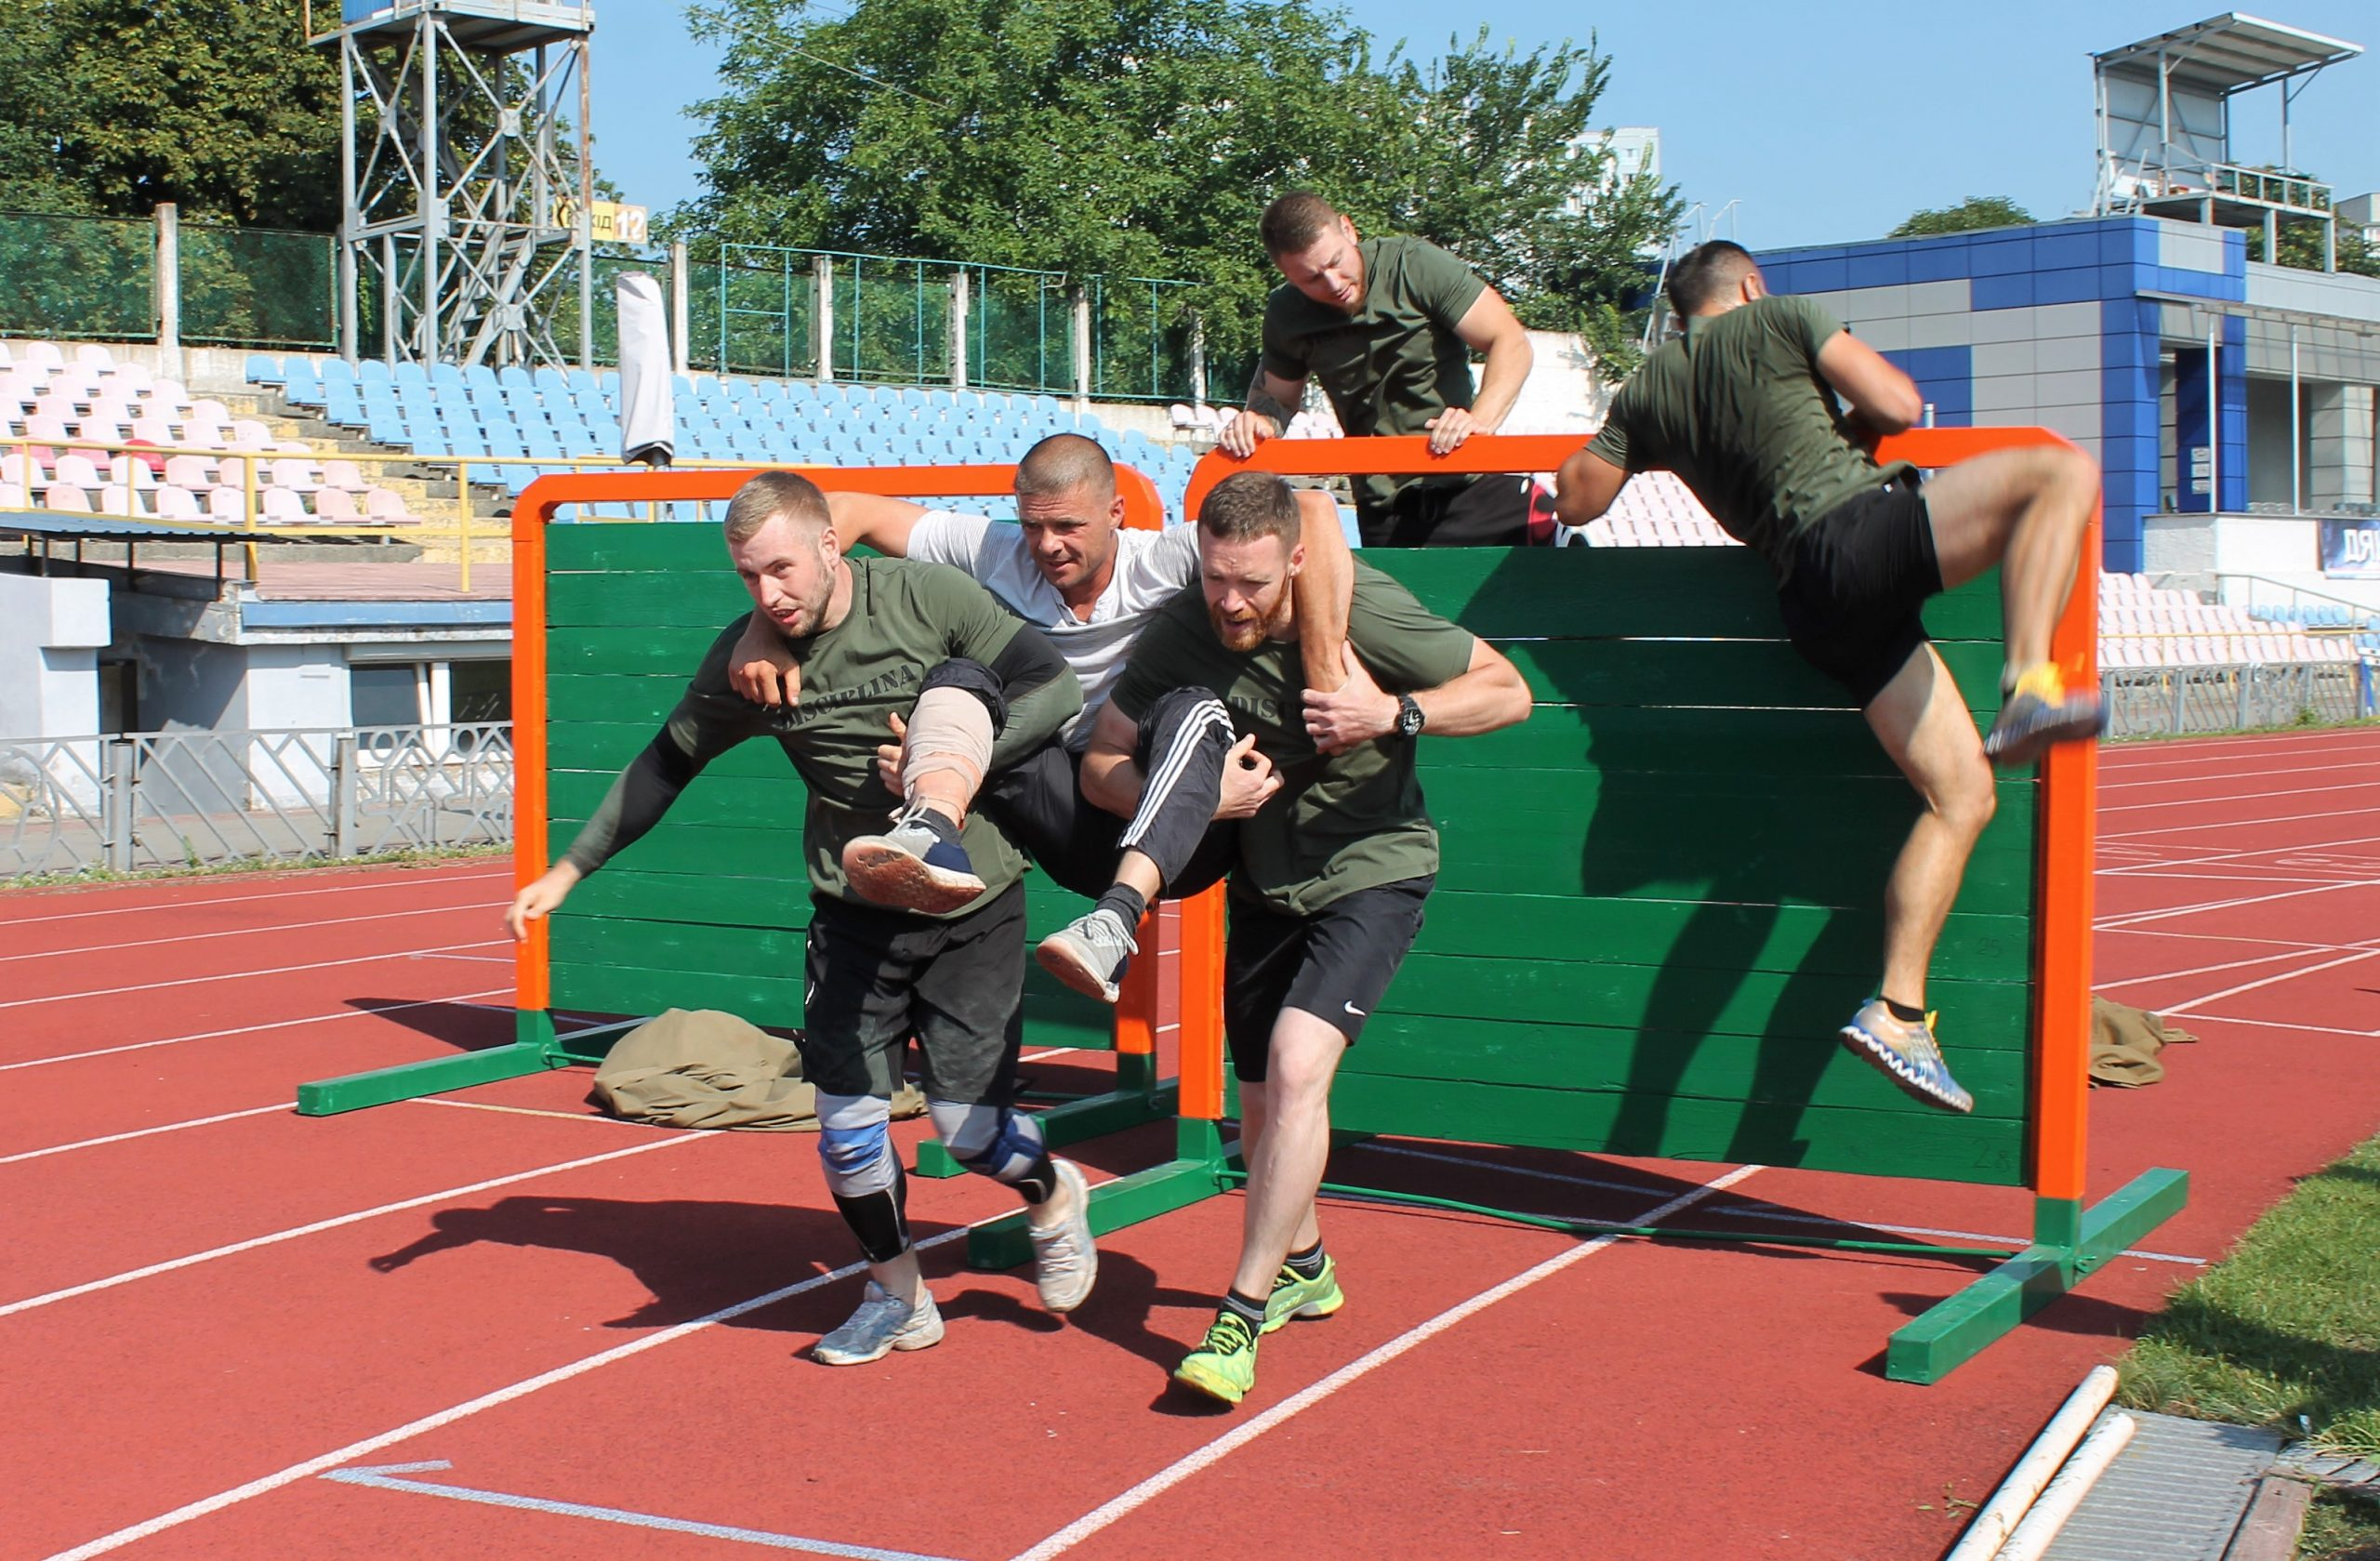 У Черкасах стартували чемпіонати з багатоборства серед тілоохоронців (ФОТО)